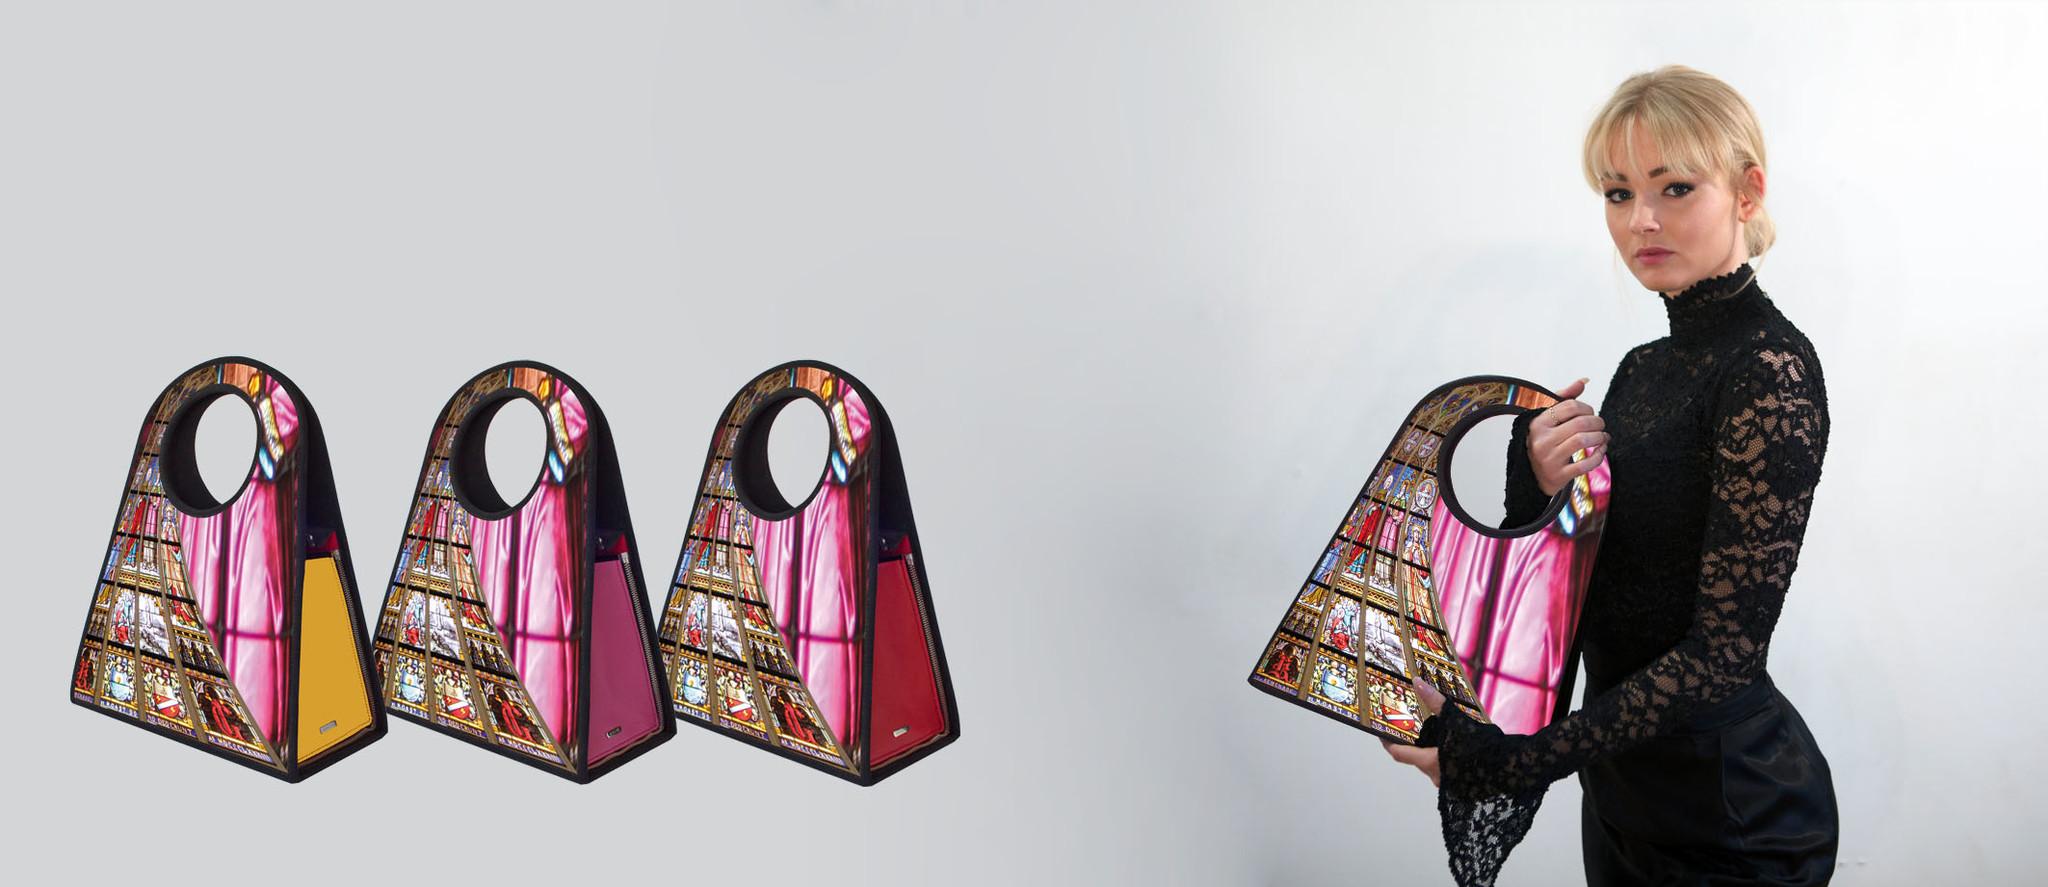 Manichel modulaire tas, Elizabeth met fotoart